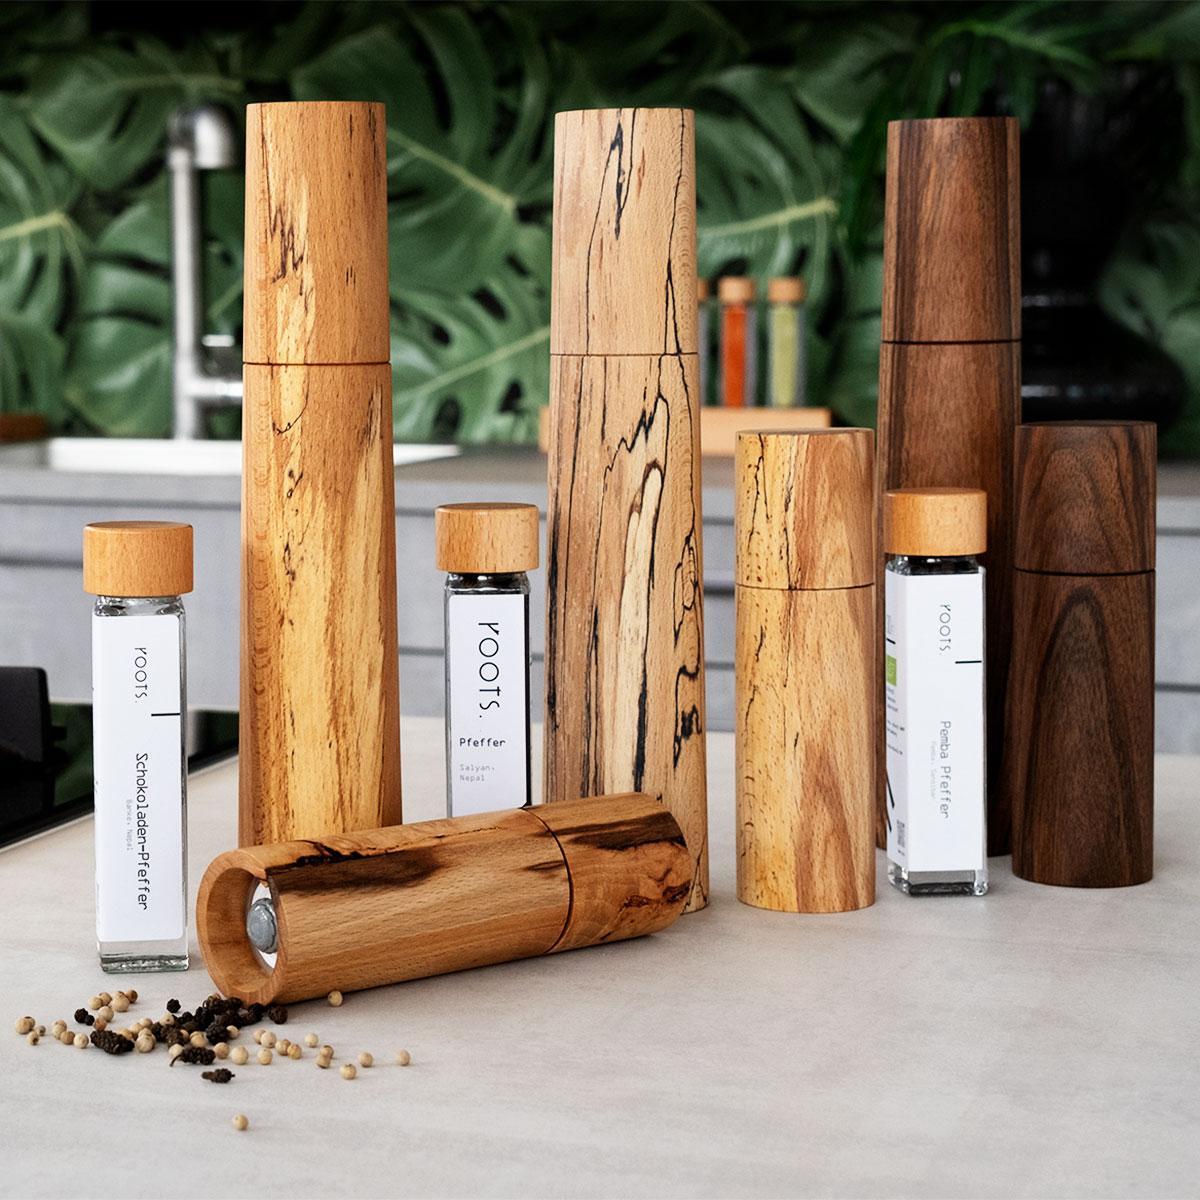 Gewuerzmuehle kaufen aus hochwertigem Holz mit Keramik-Mahlwerk Handarbeit und Unikat